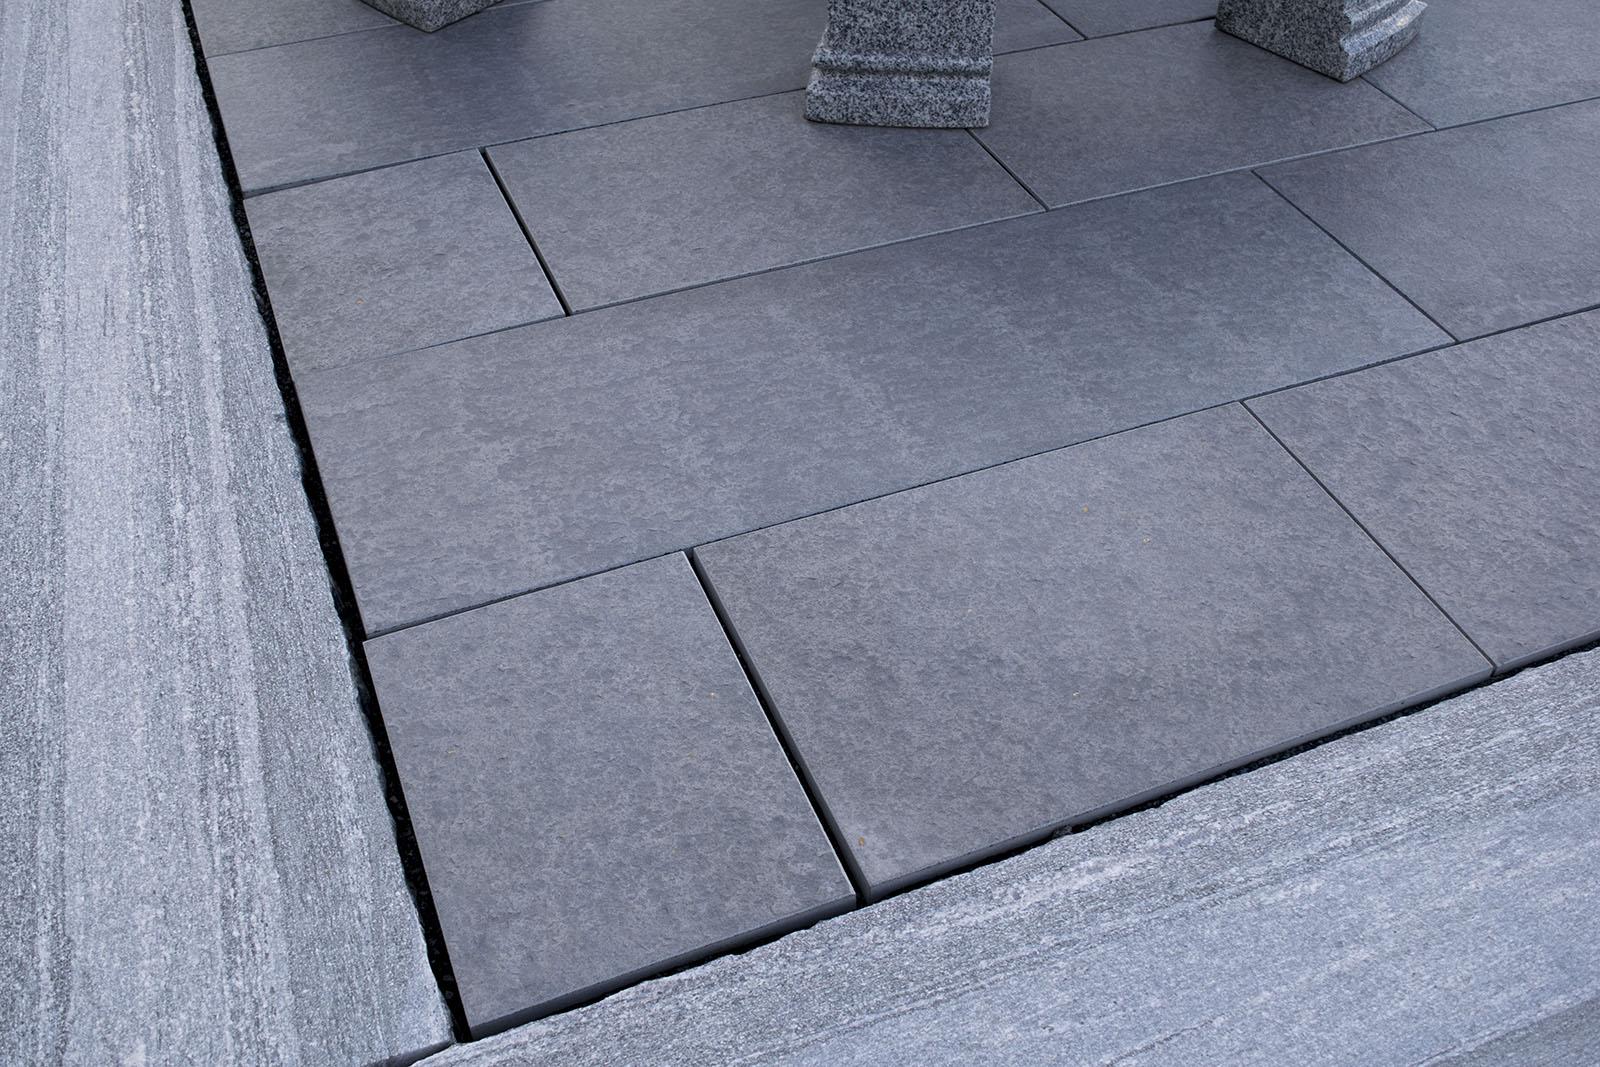 granitplatten 60x40x3 mischungsverh ltnis zement. Black Bedroom Furniture Sets. Home Design Ideas